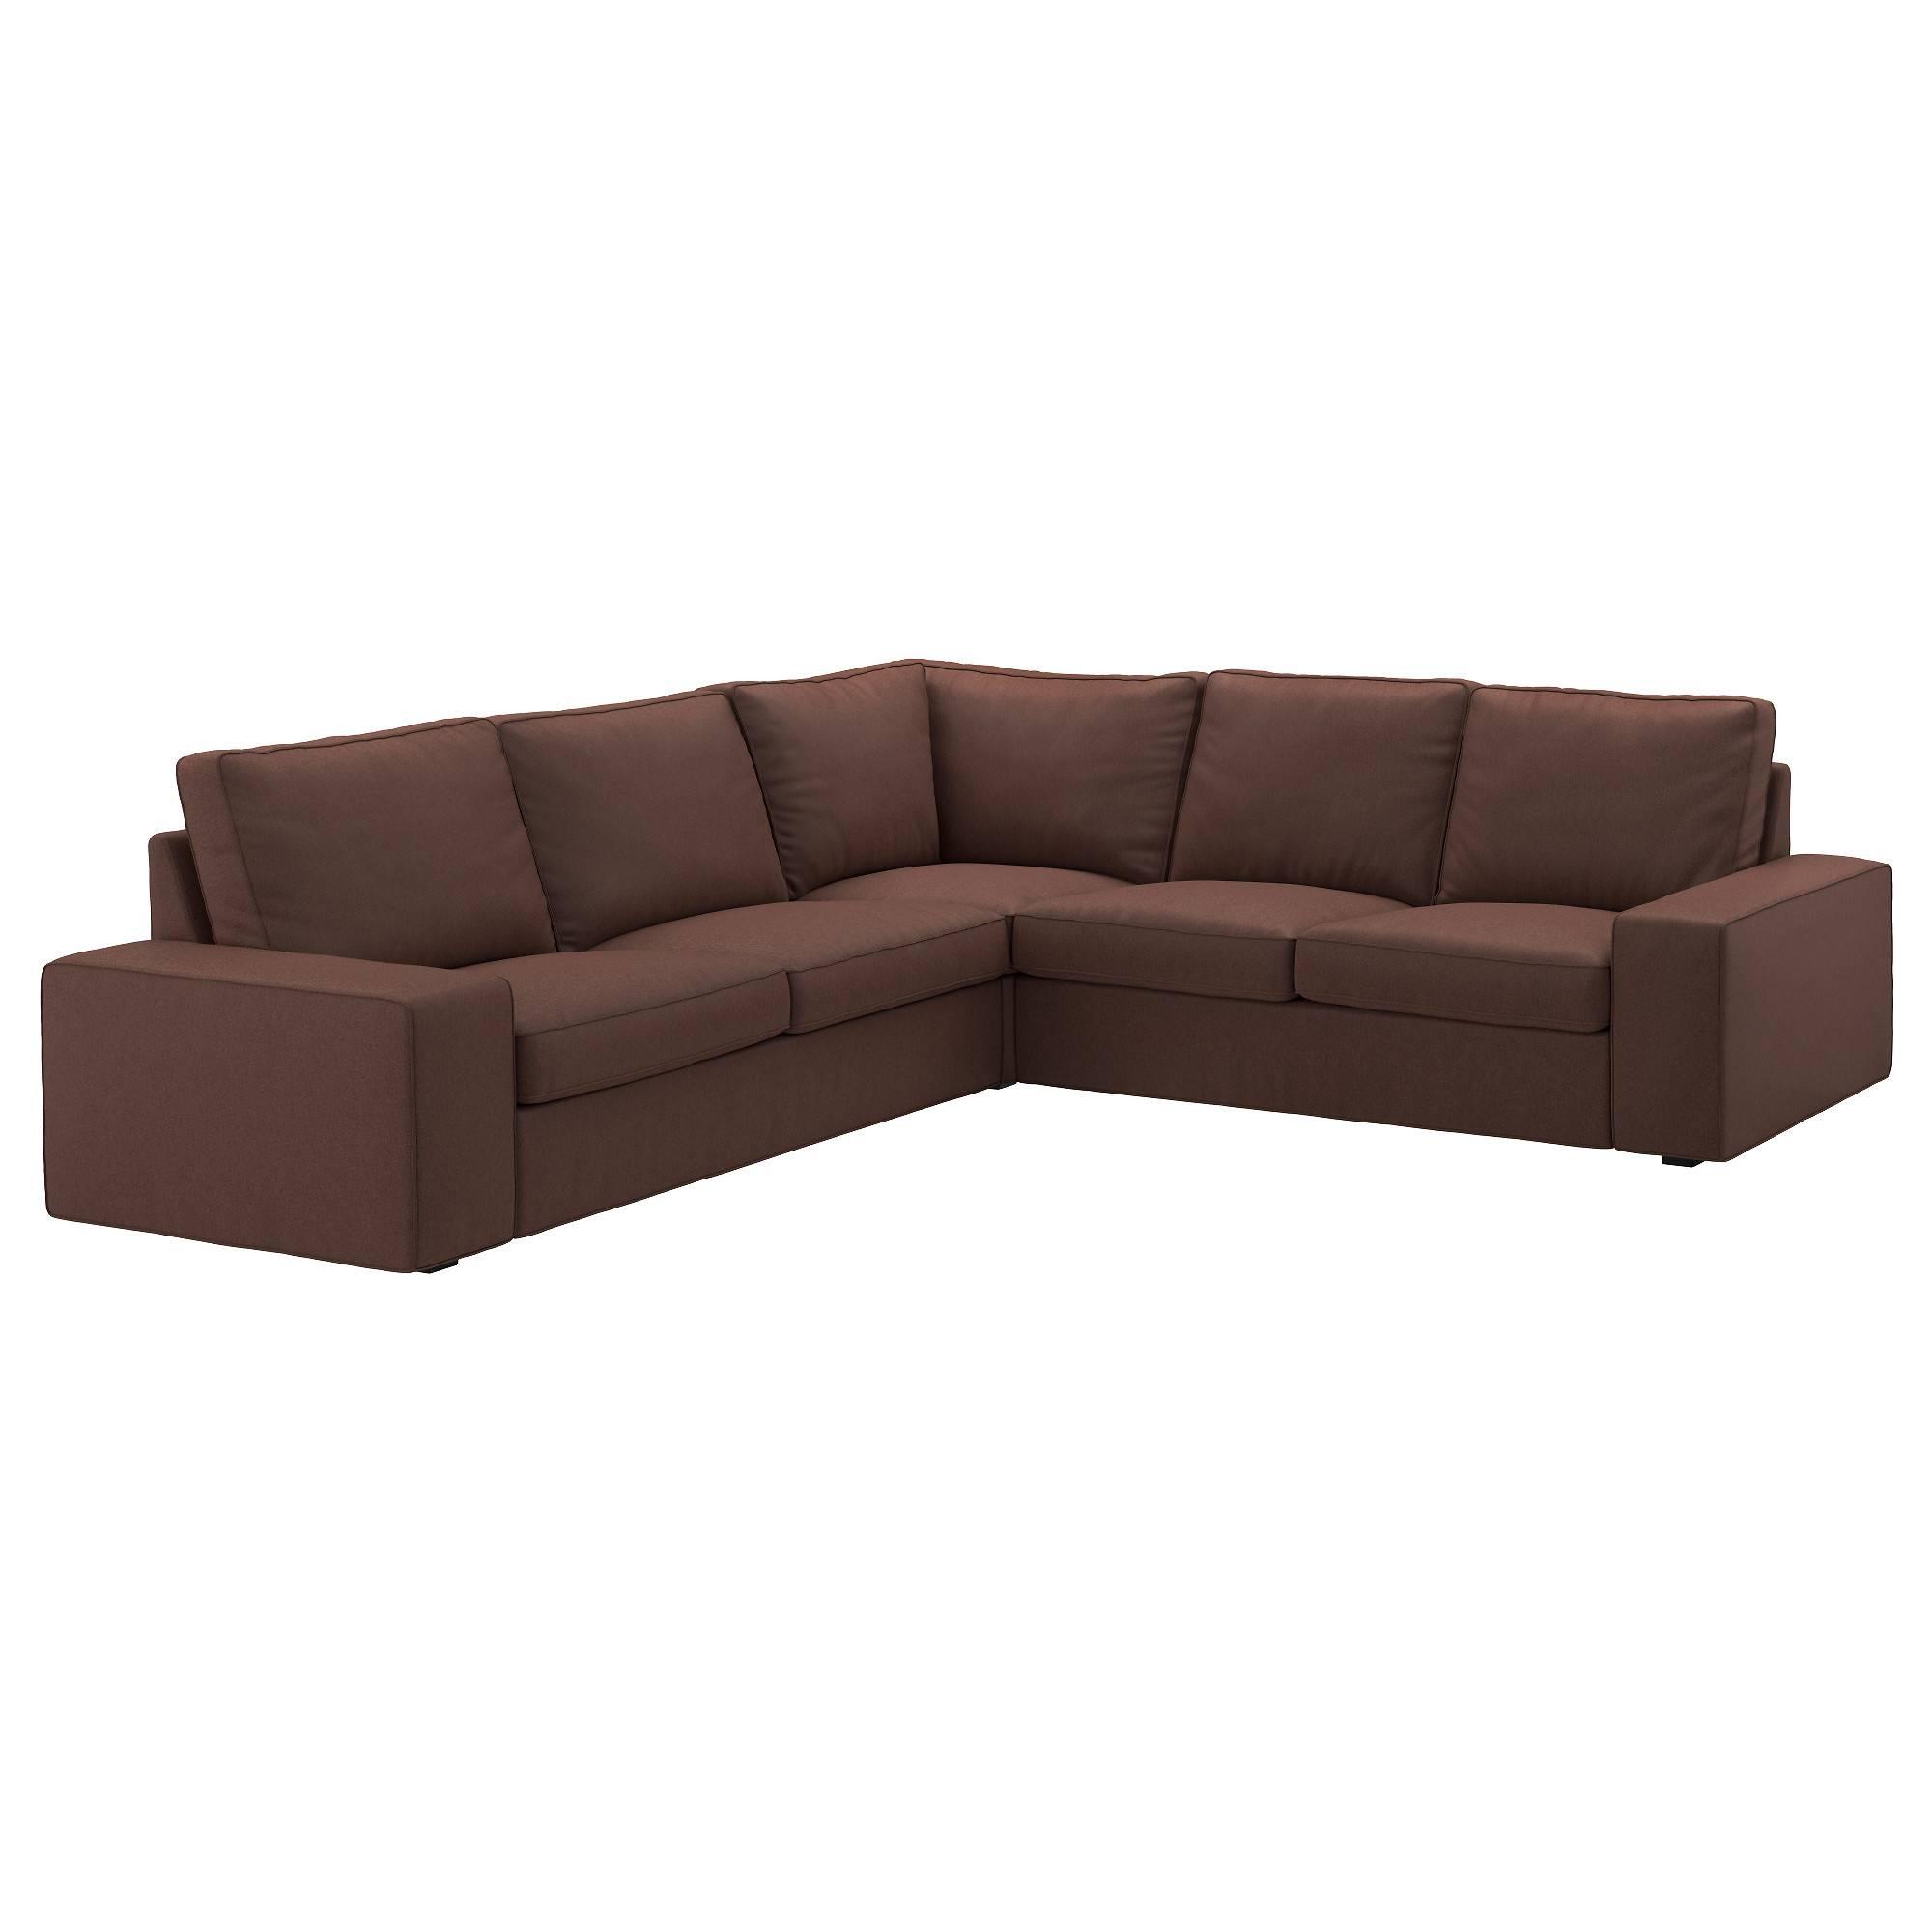 Kivik Corner Sofa 2+2 - Orrsta Light Grey - Ikea intended for 2X2 Corner Sofas (Image 18 of 30)